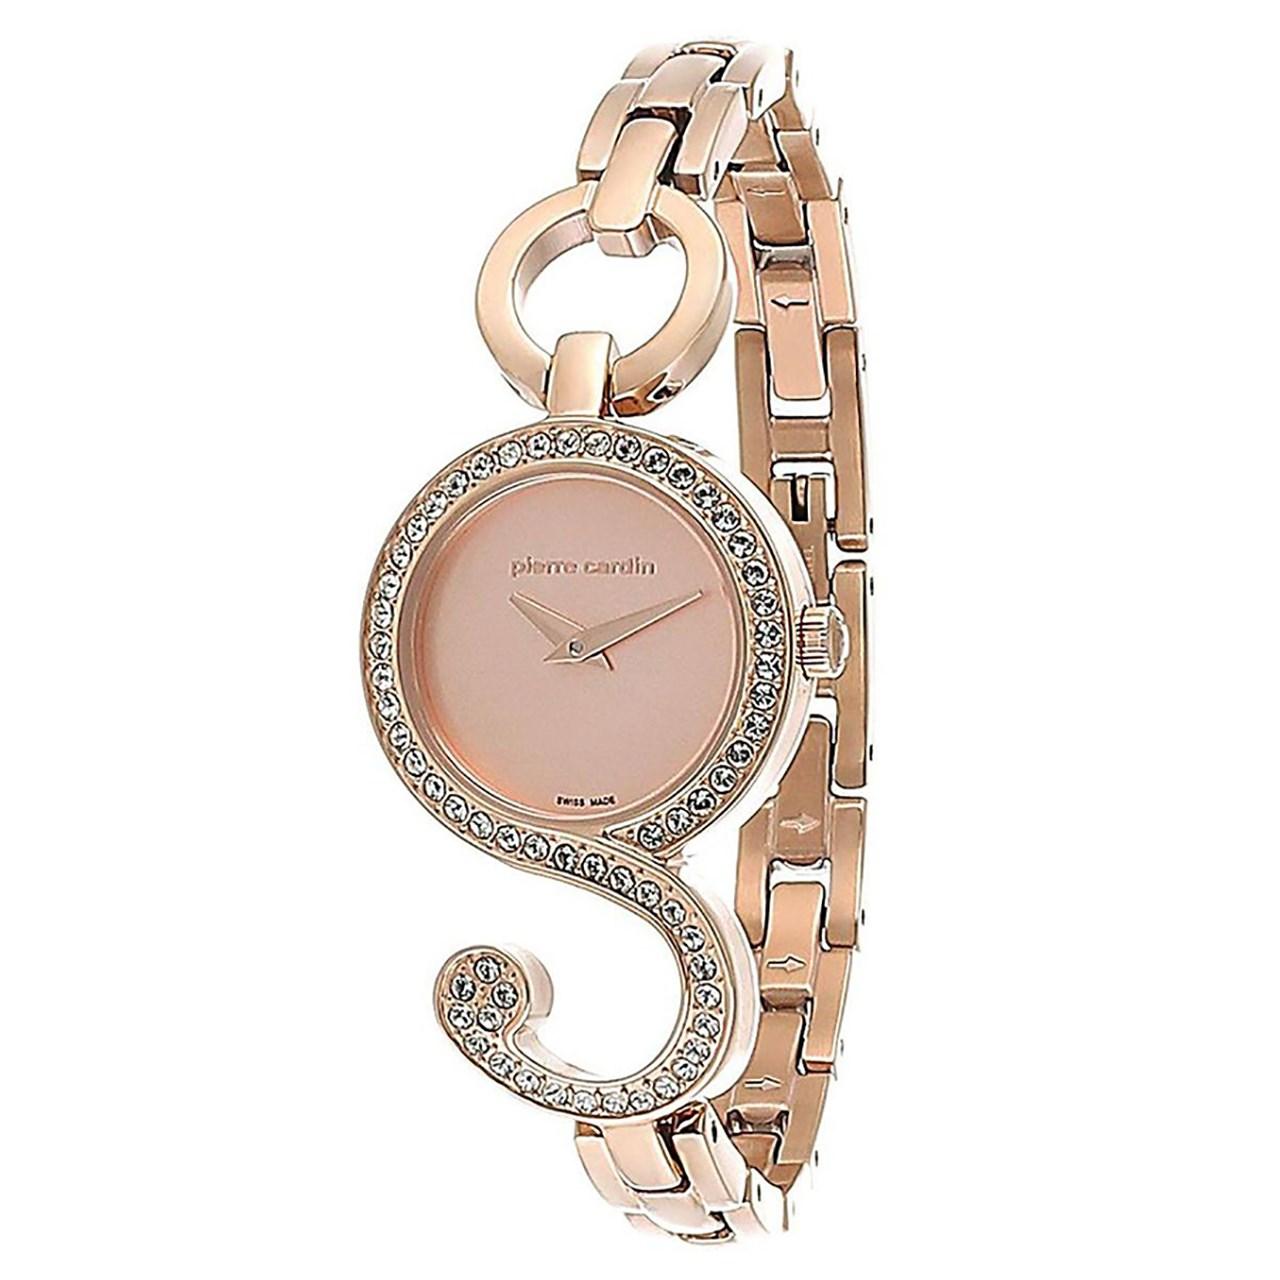 ساعت مچی عقربه ای زنانه پیر کاردین مدل PC107052S05